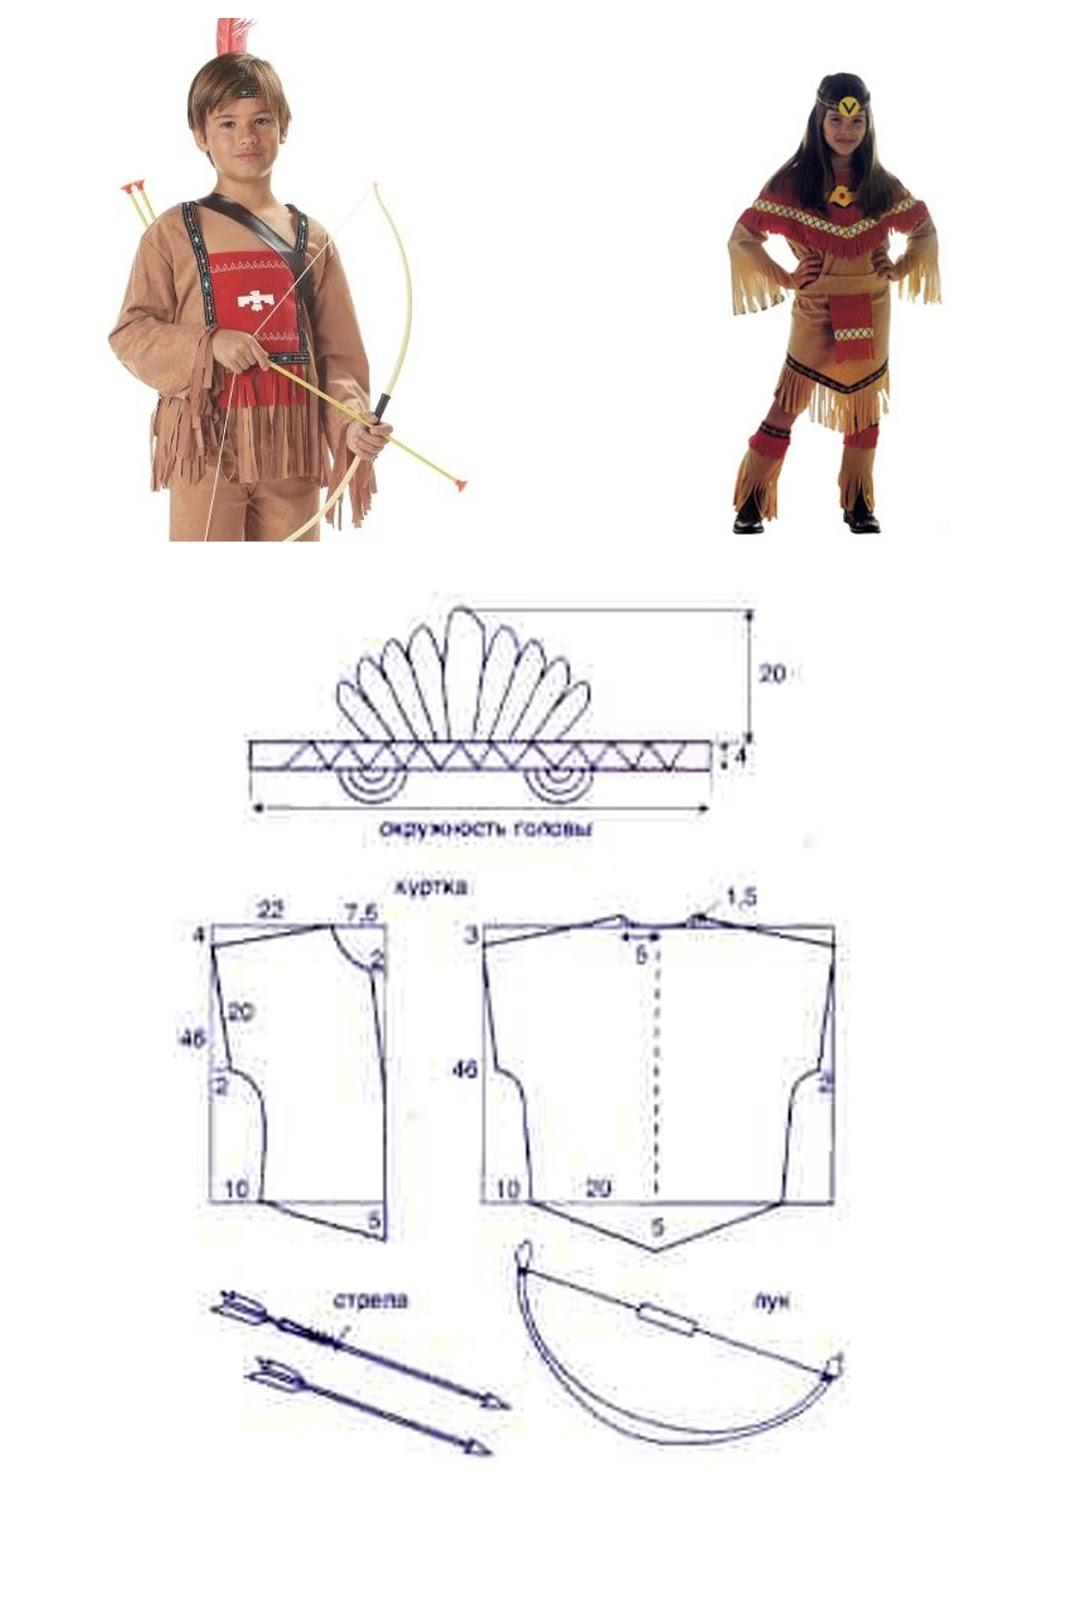 Как сделать костюм для индейца своими руками 60